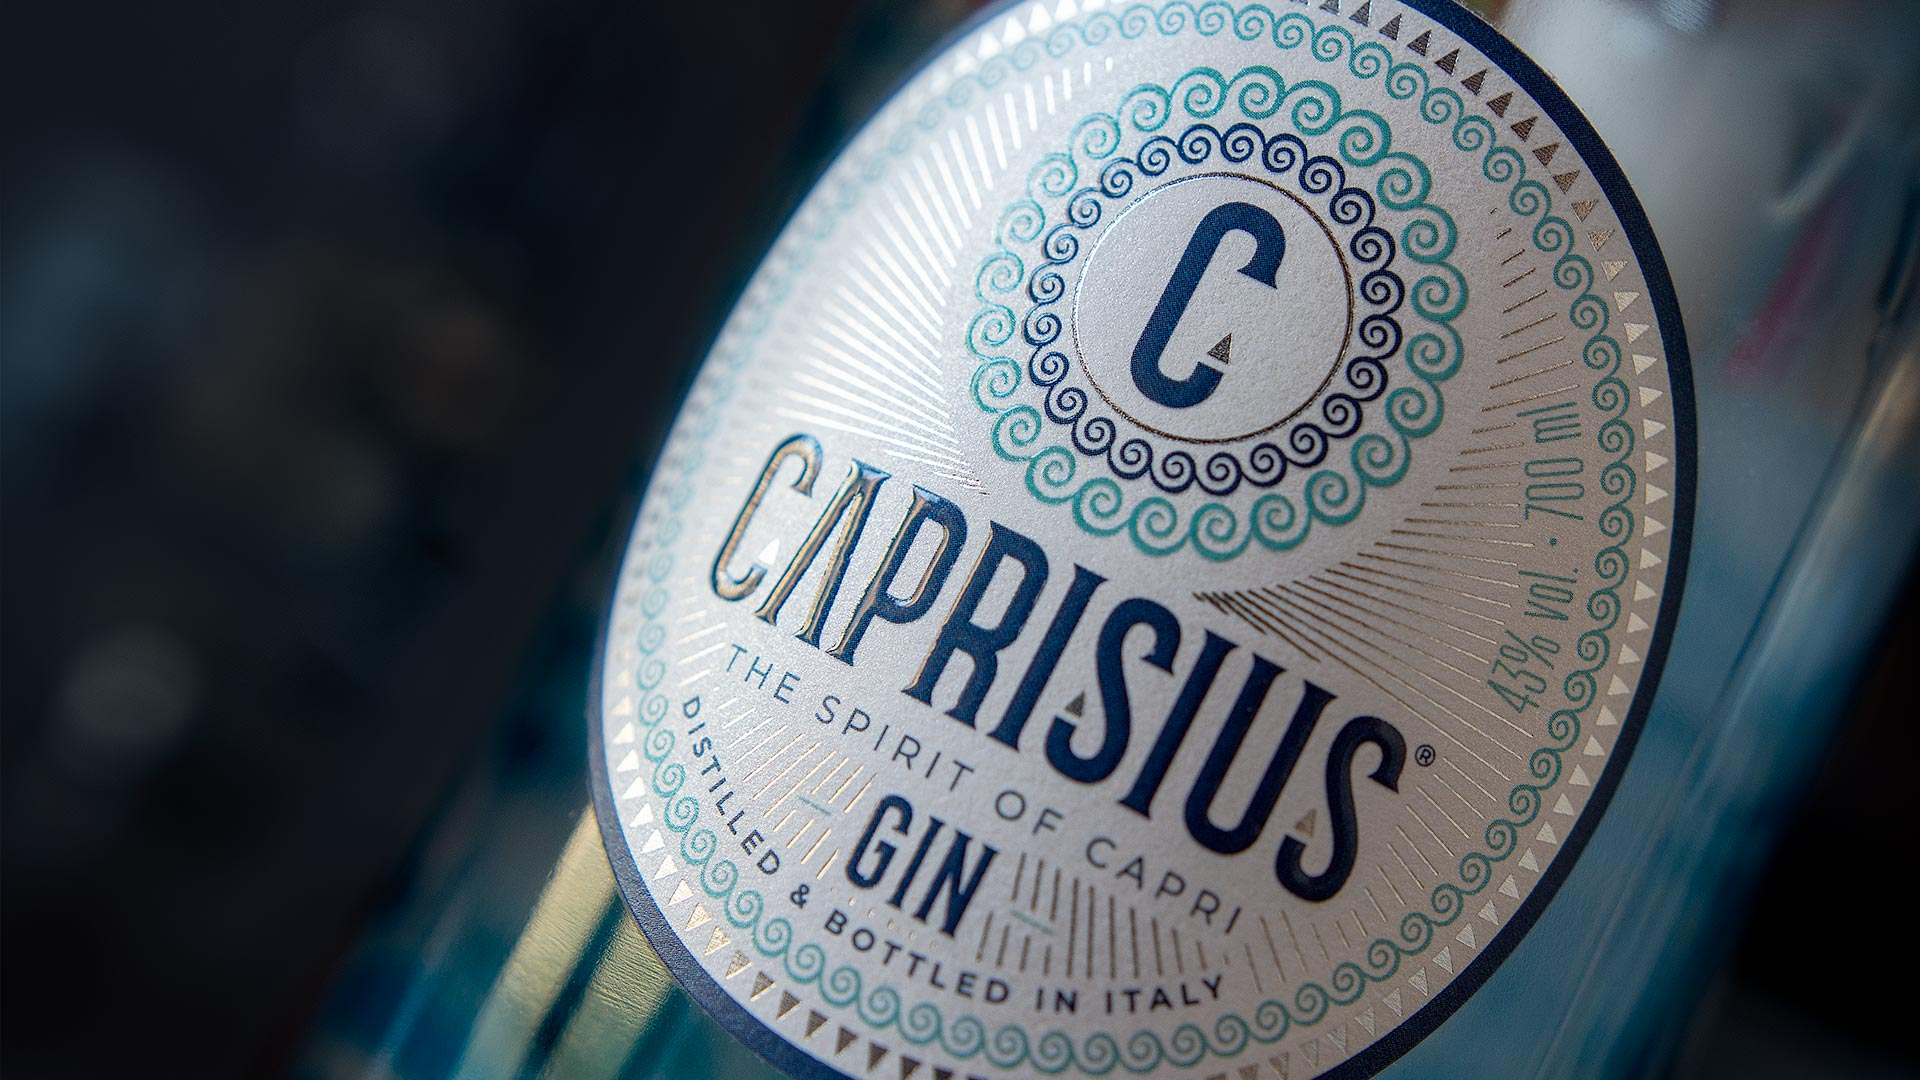 MAD13 creative room CaprisiusGin-label-macro-1920 Branding & Label Design Caprisius Gin